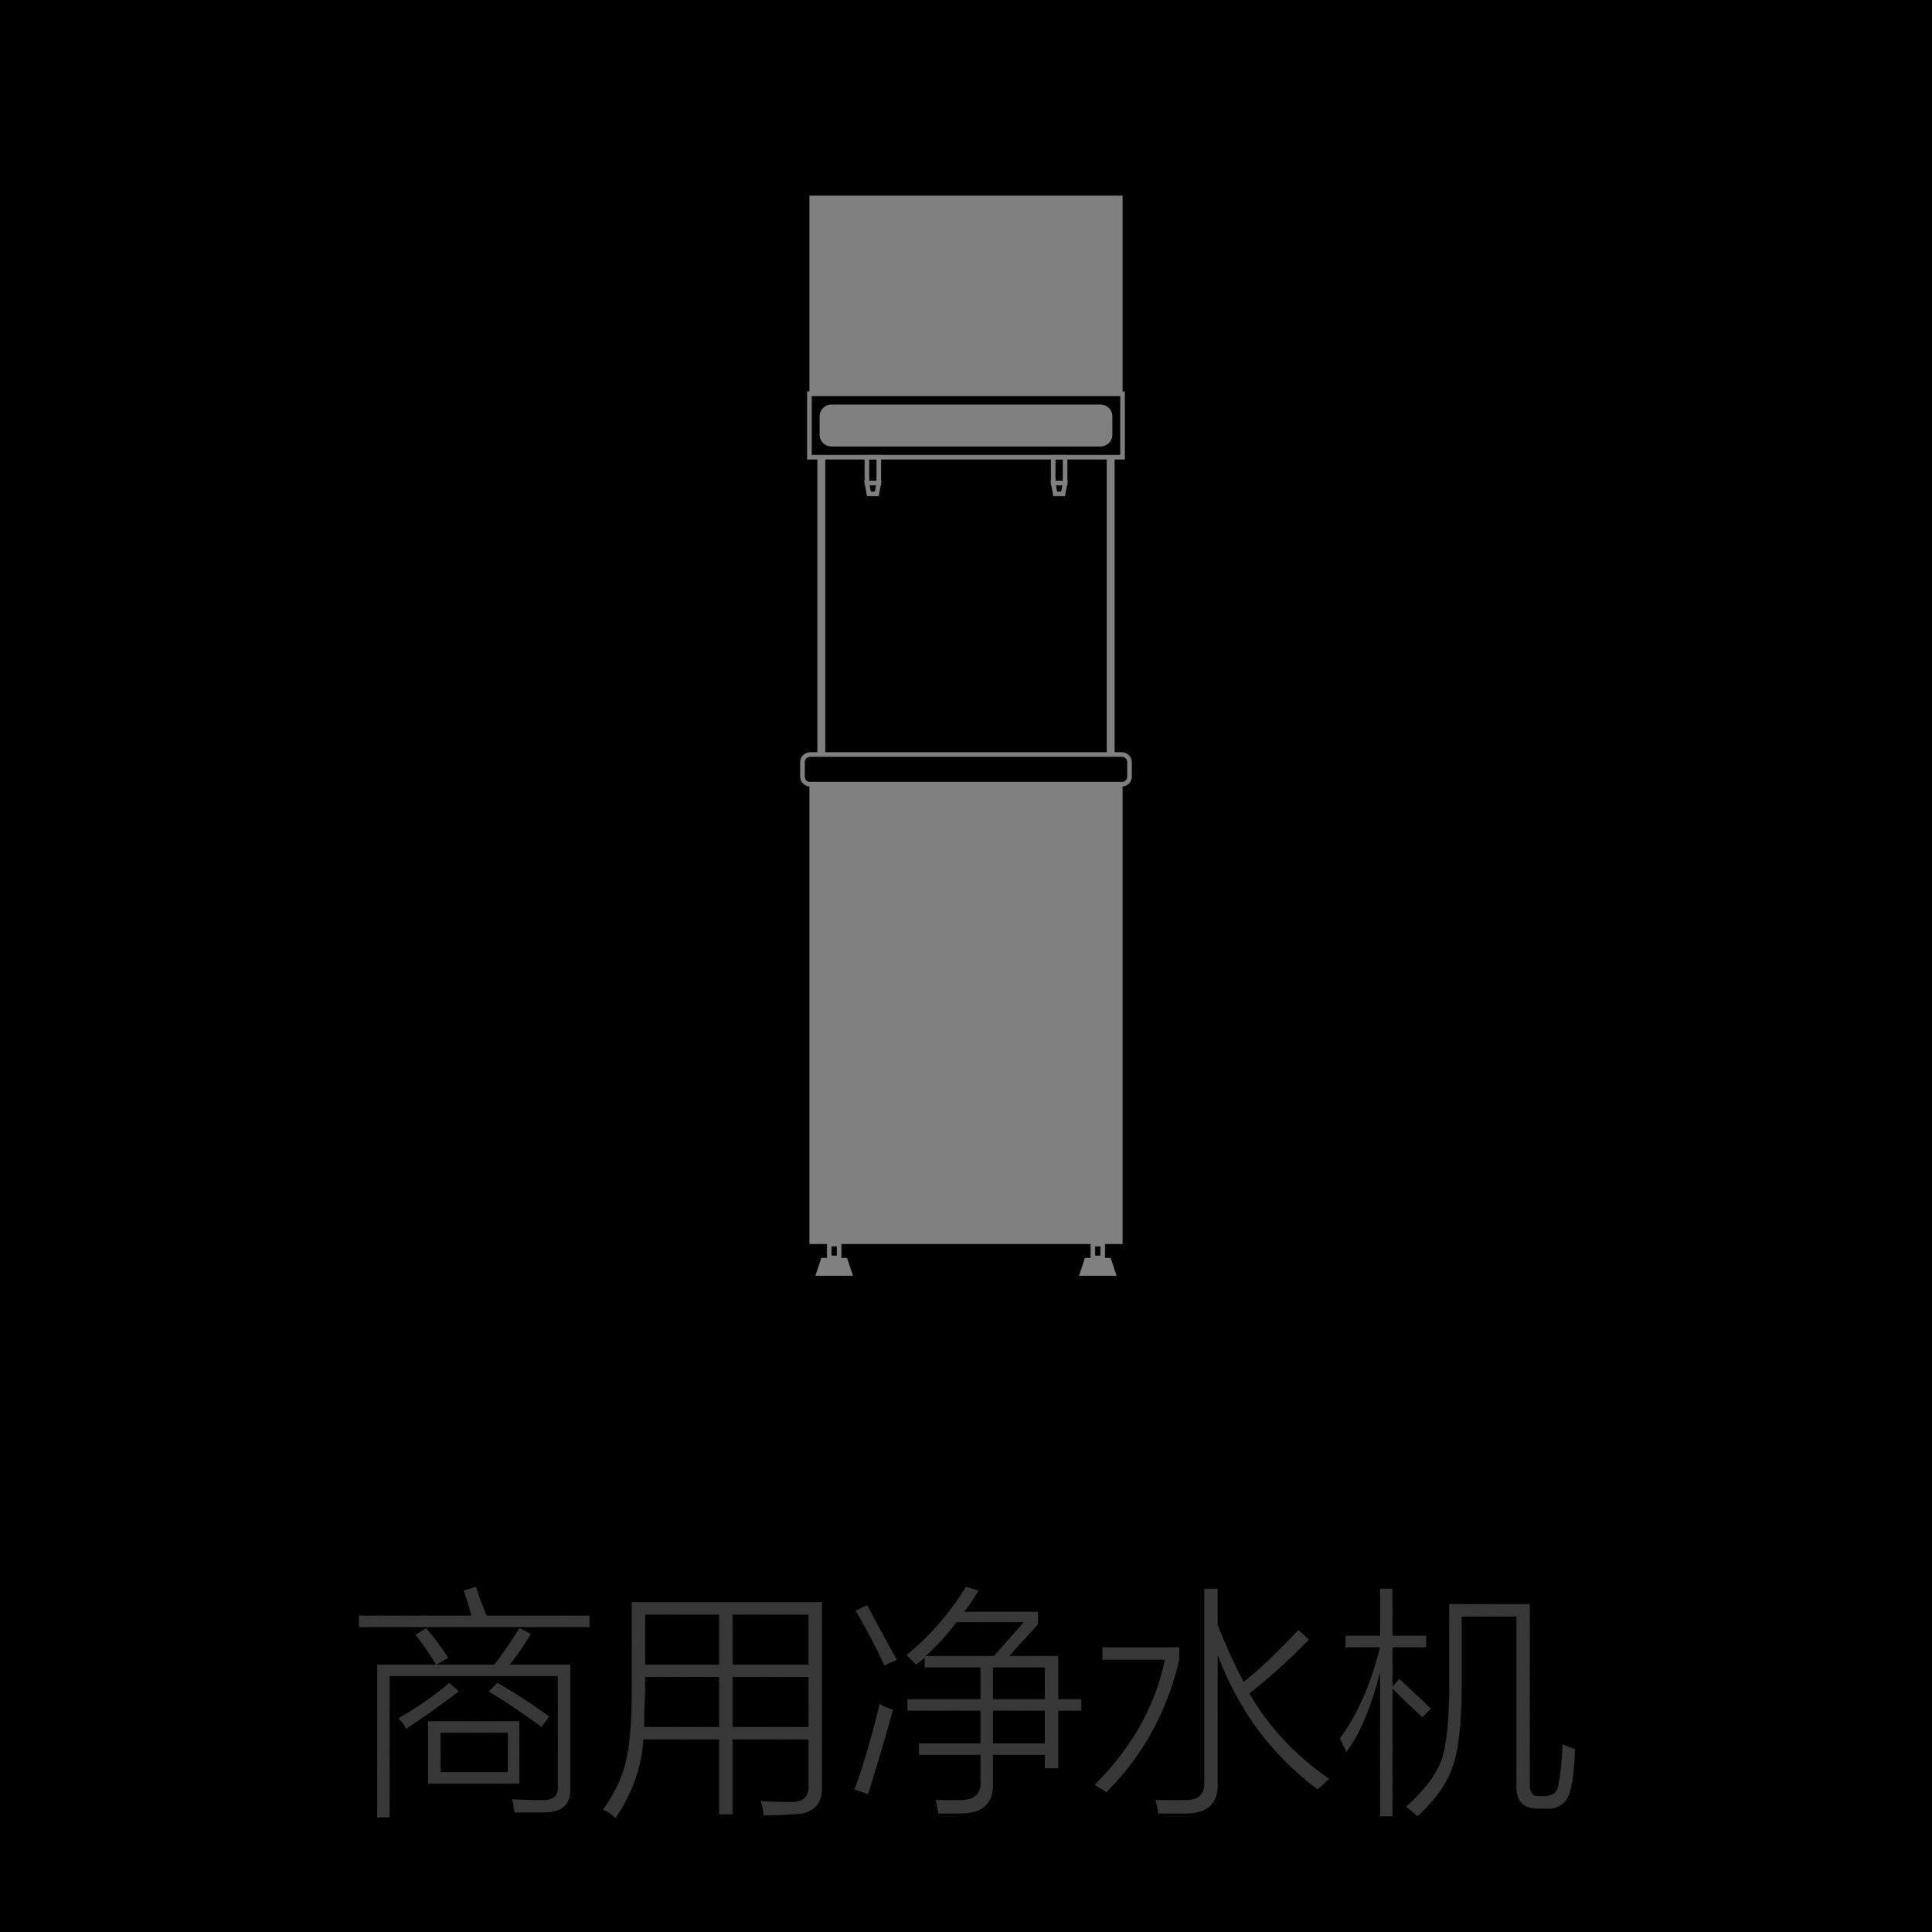 圖片展(zhan)示